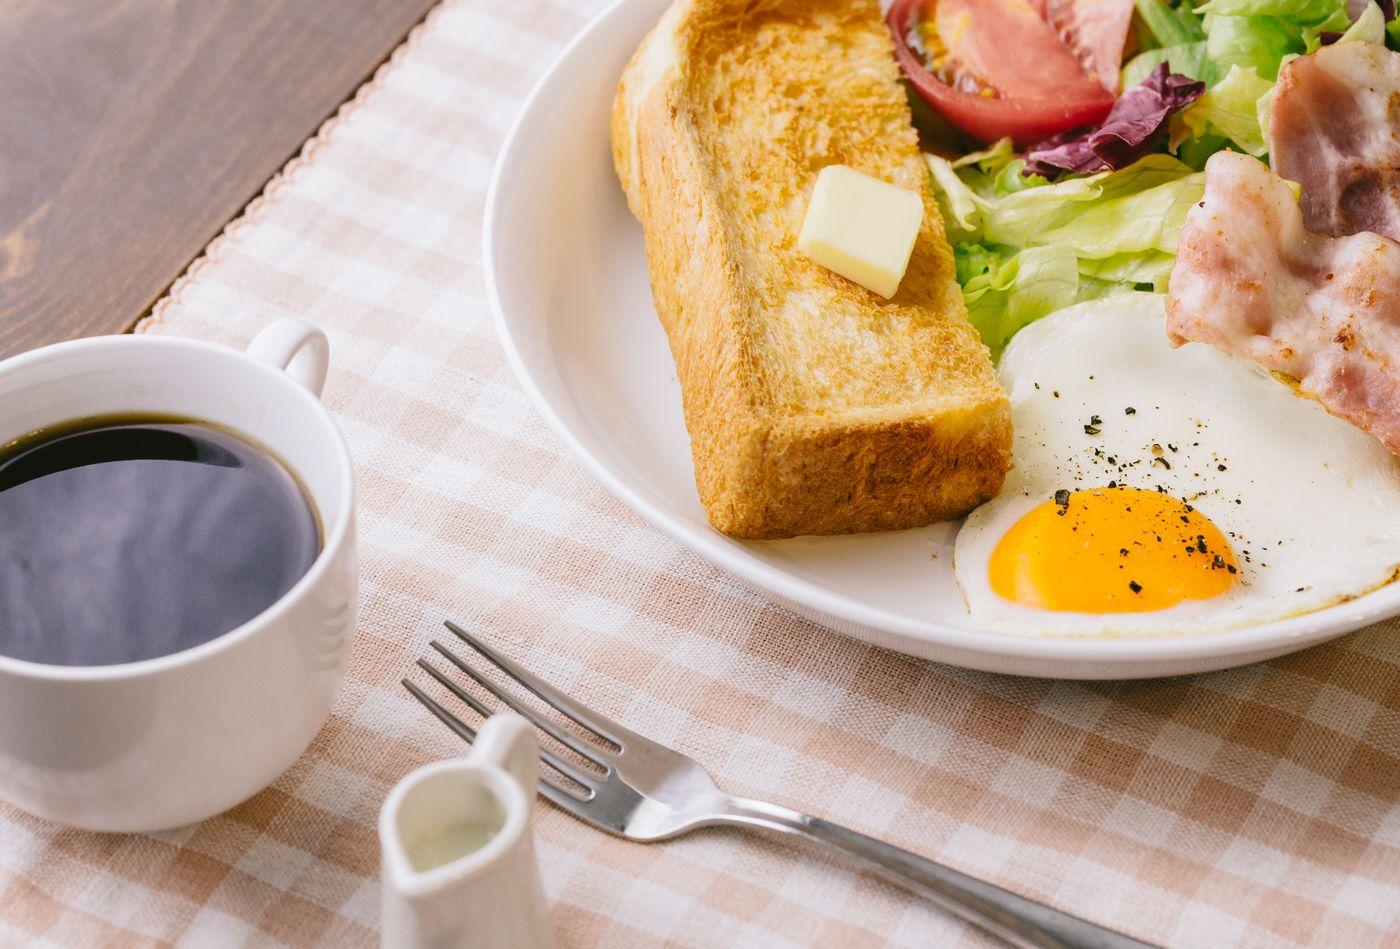 コーヒーとトーストの朝食の写真